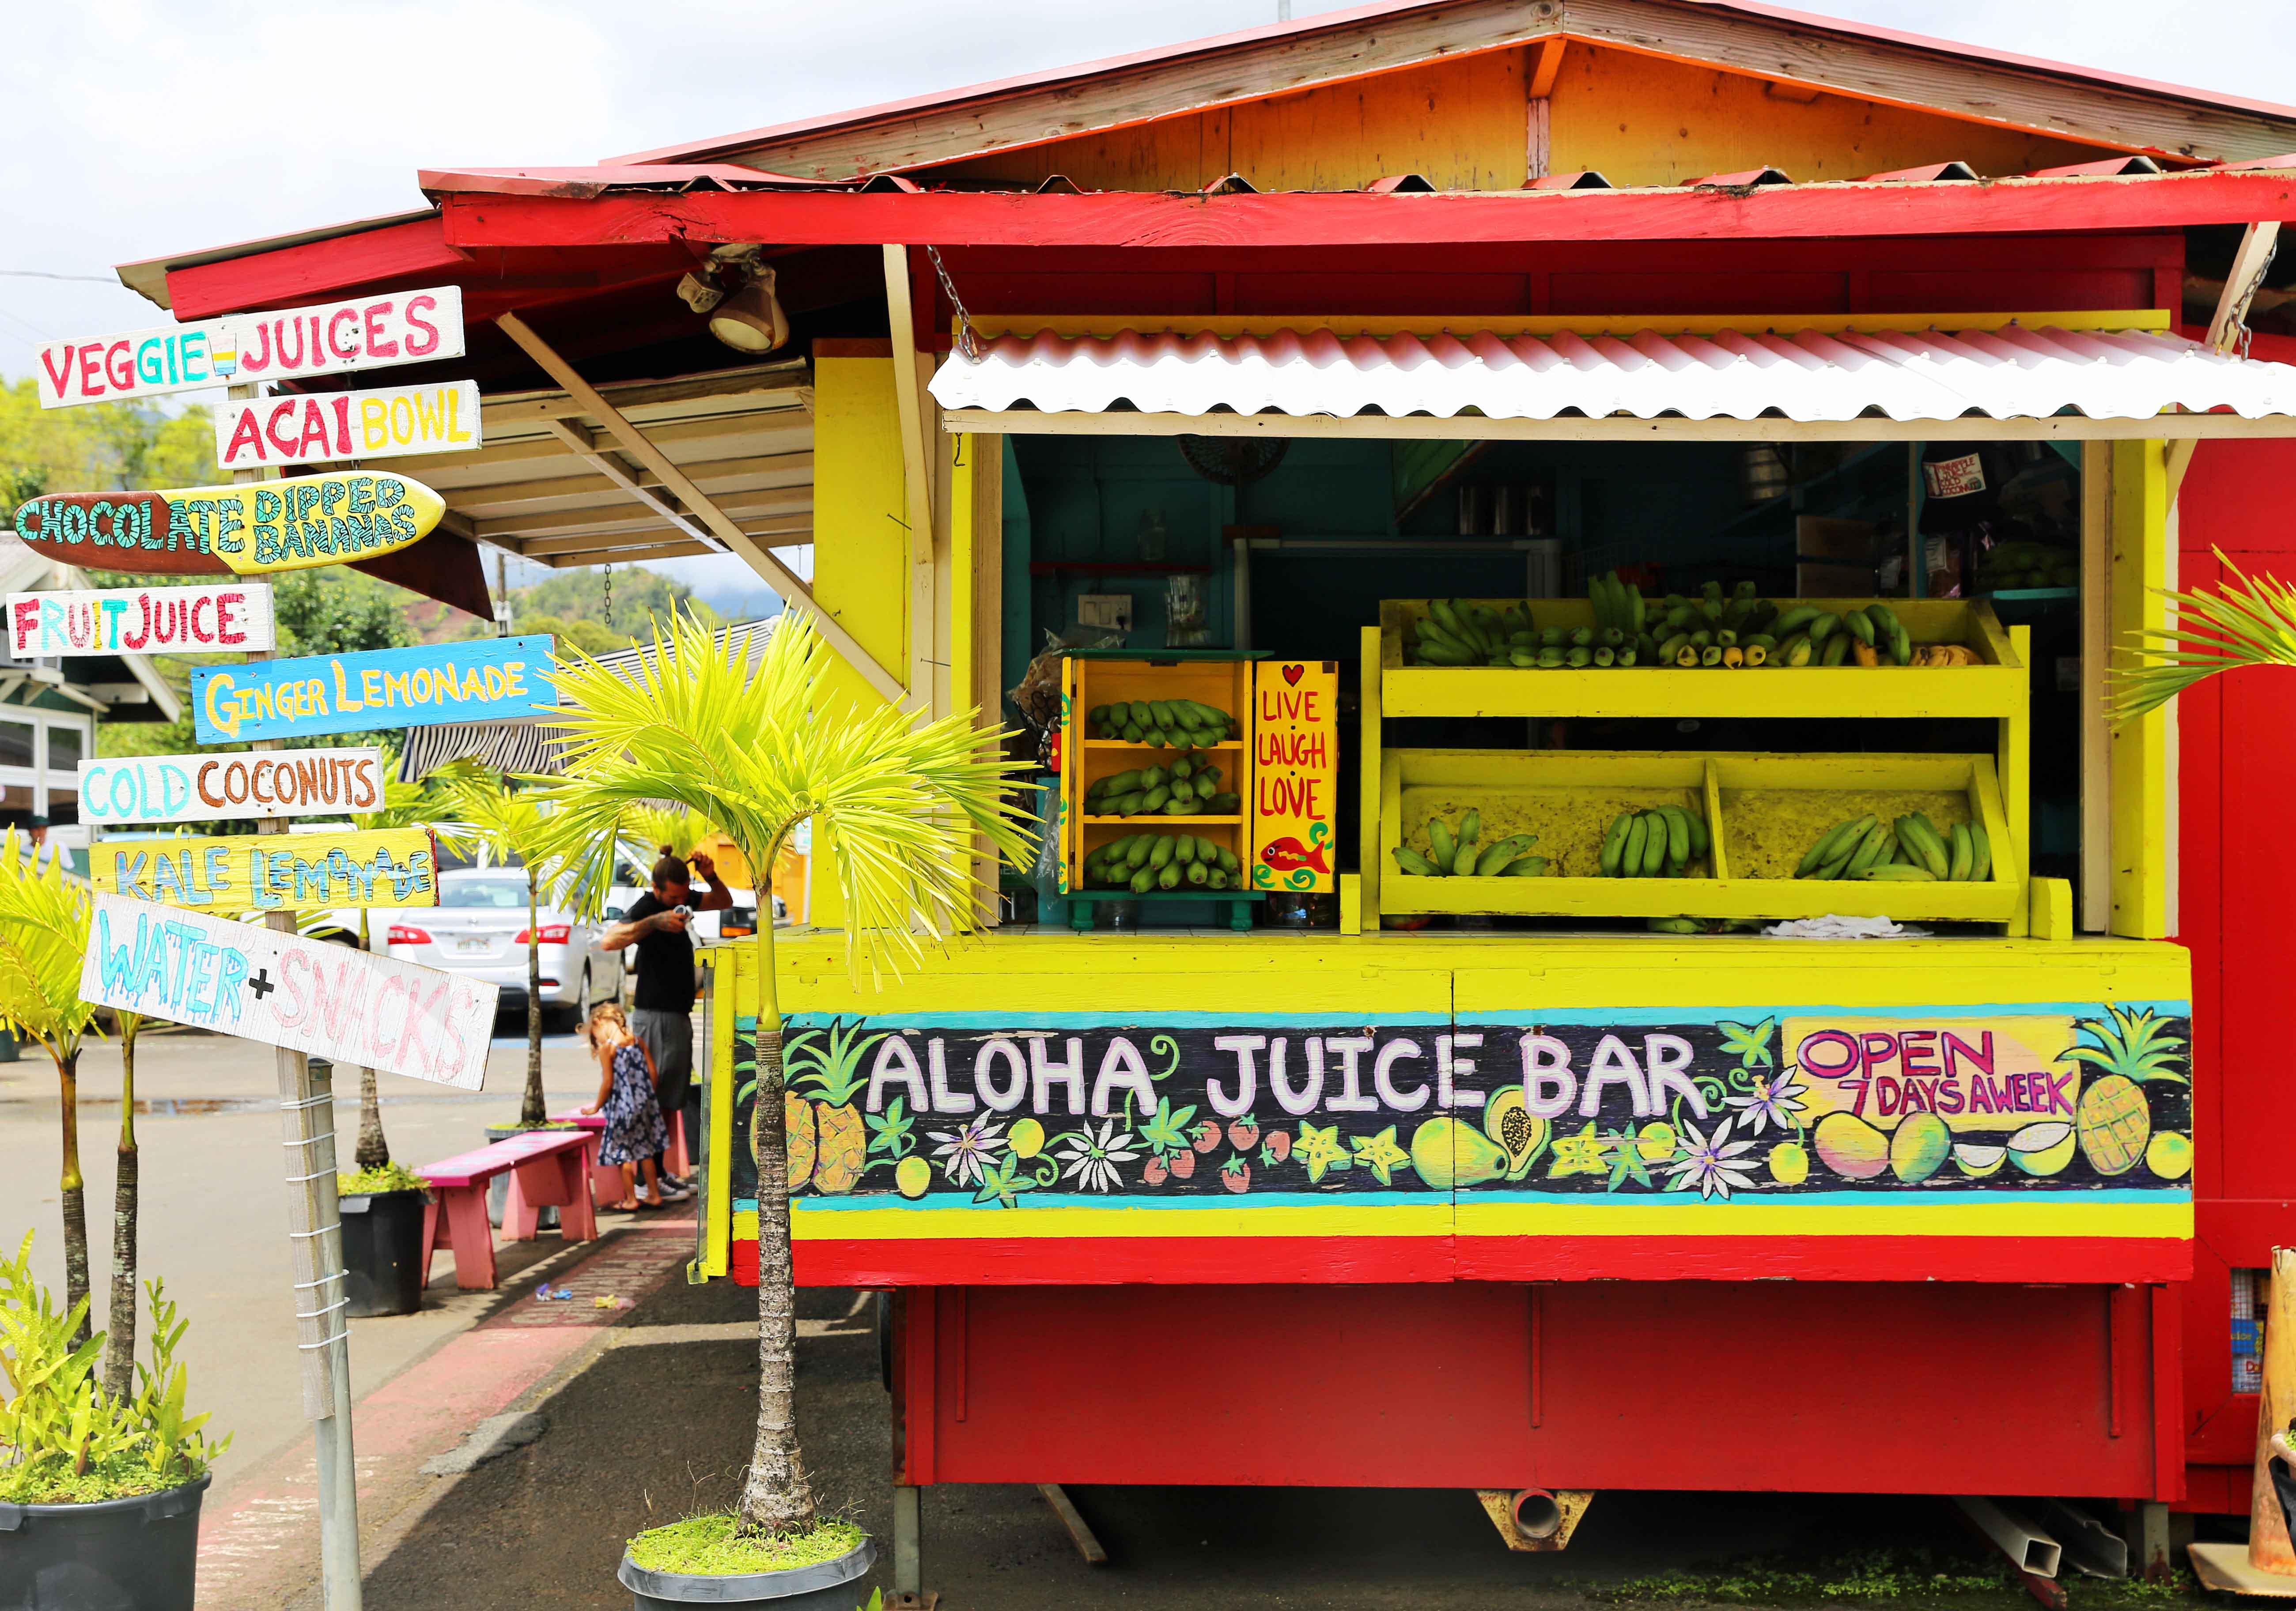 Aloha Juice Bar Hanalei Kauai Hawaii